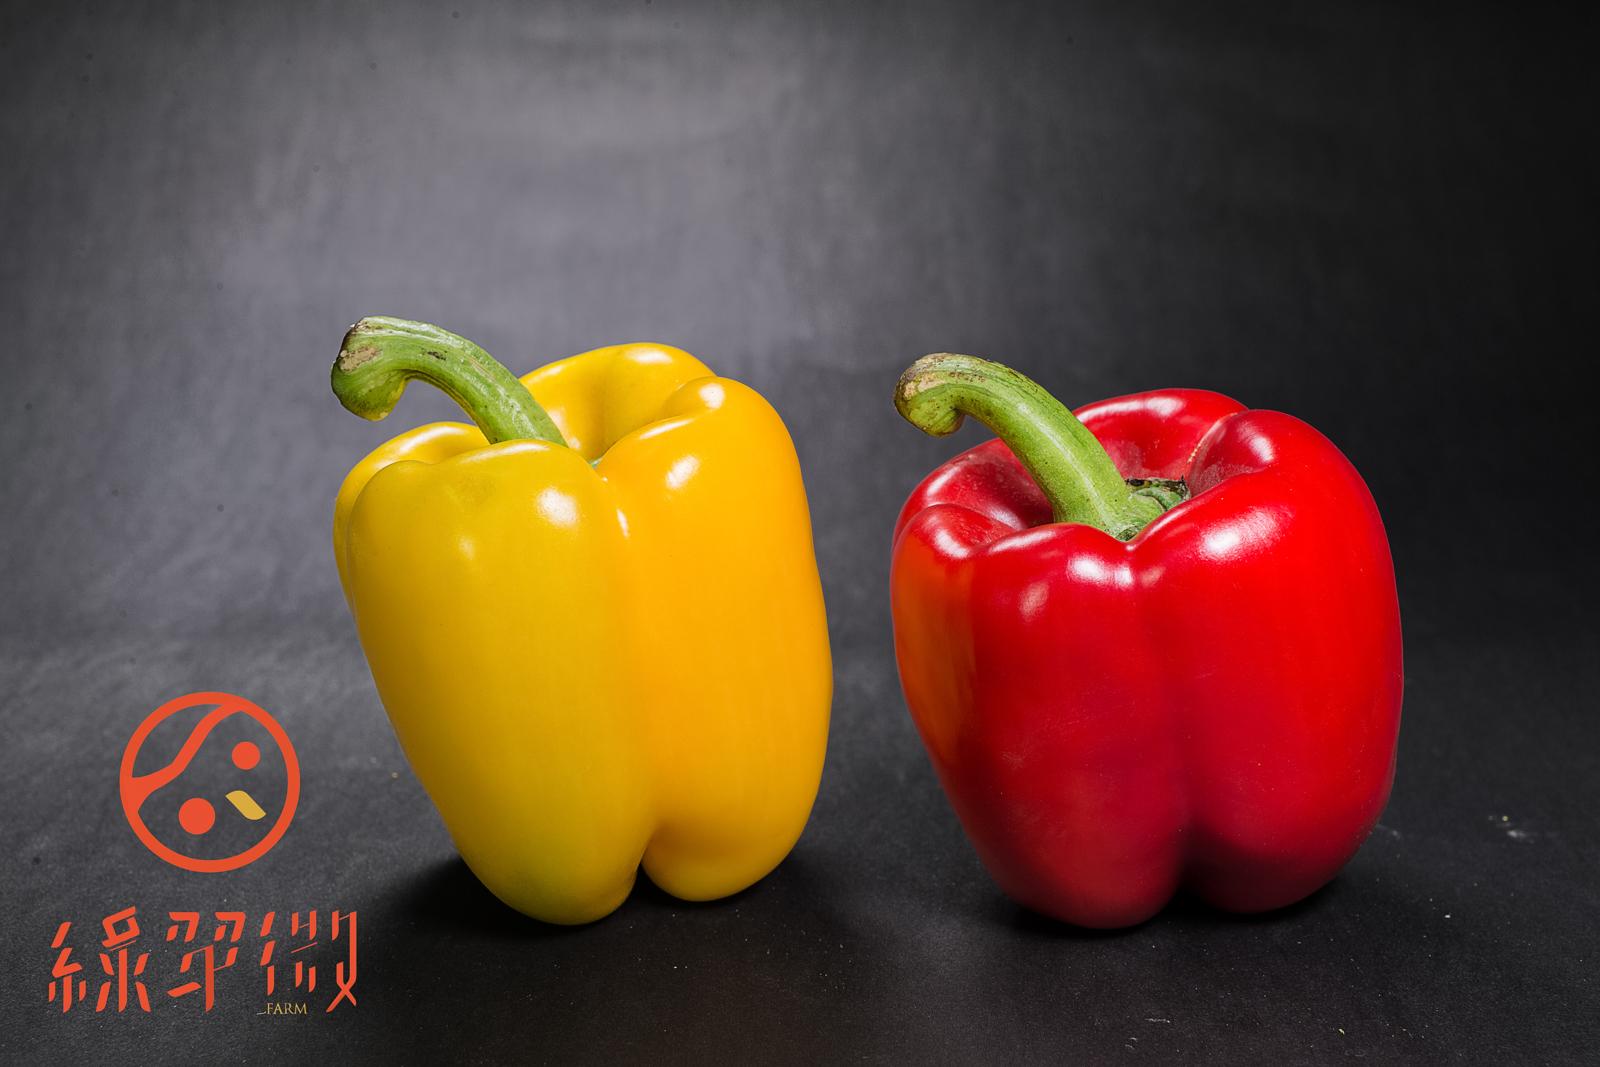 紅黃甜椒 (1)